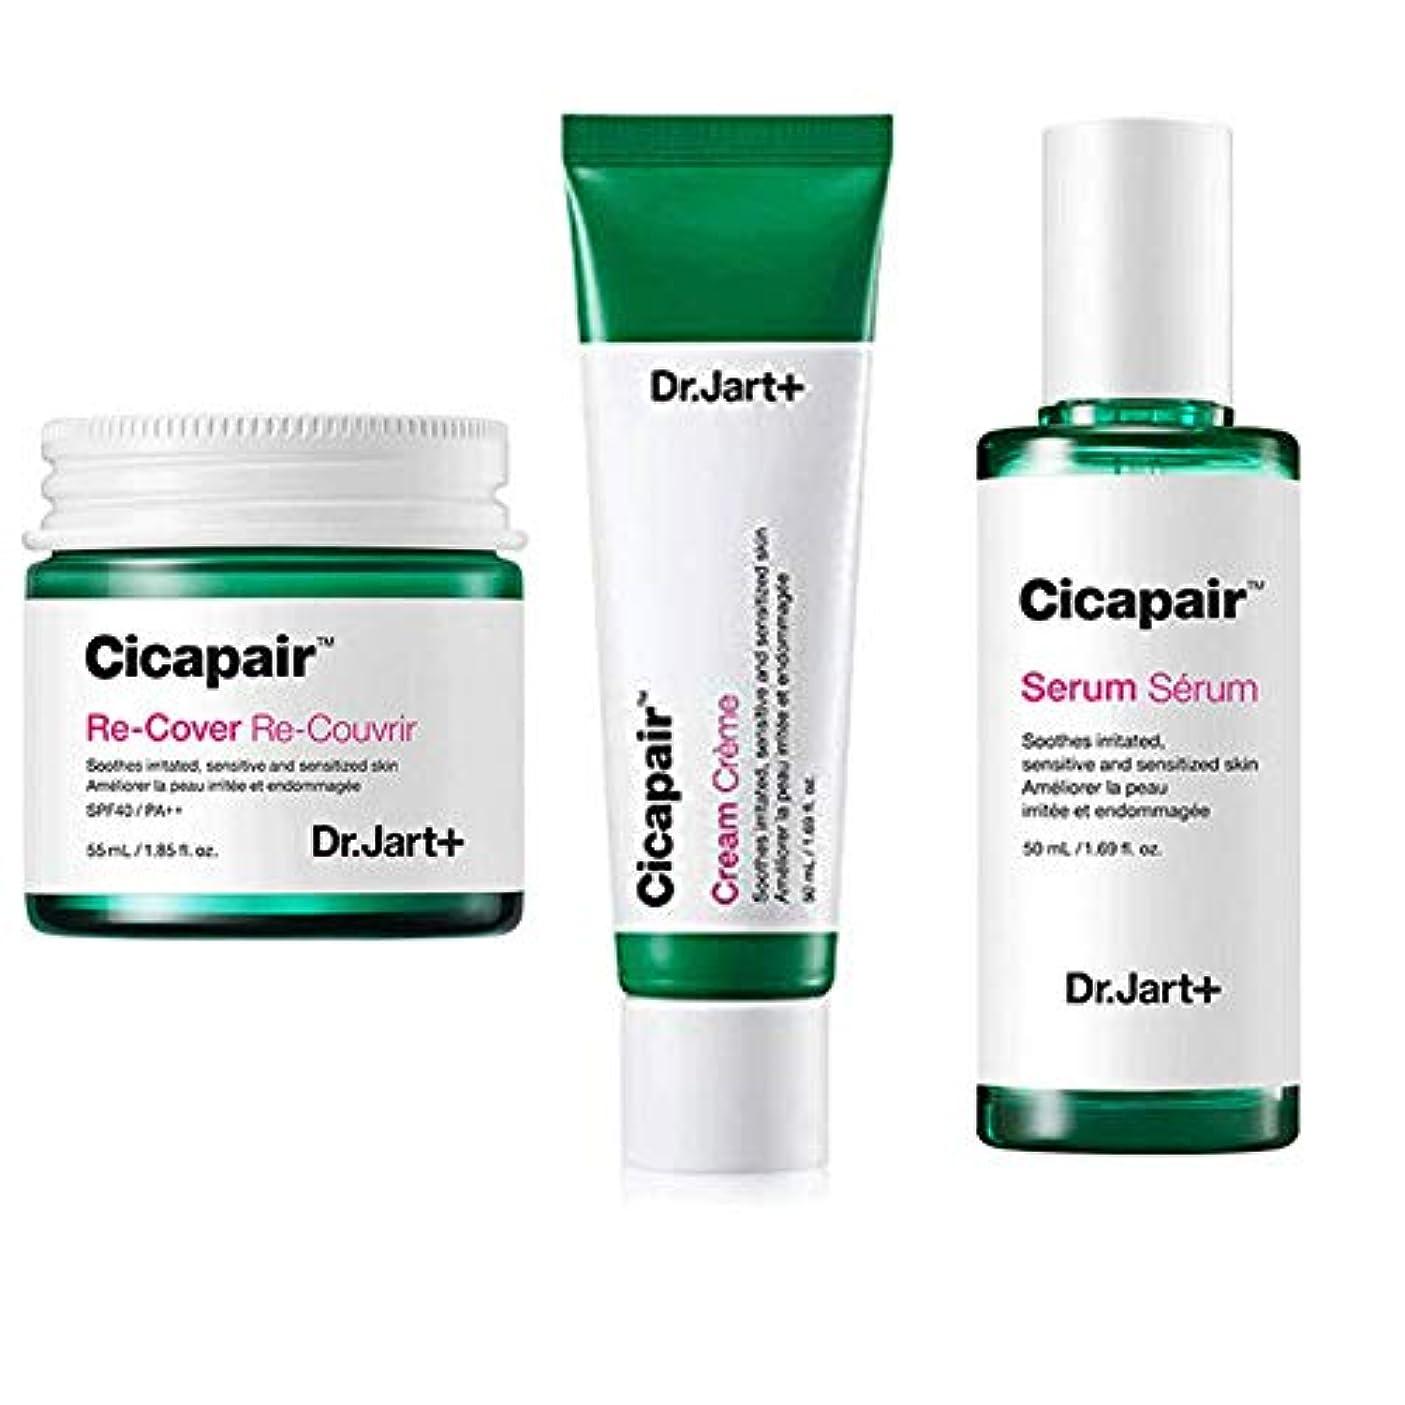 専門知識変位見つけたDr.Jart+ Cicapair Cream + ReCover + Serum ドクタージャルトシカペアクリーム50ml + リカバー 55ml + セラム 50ml(2代目) セット [並行輸入品]